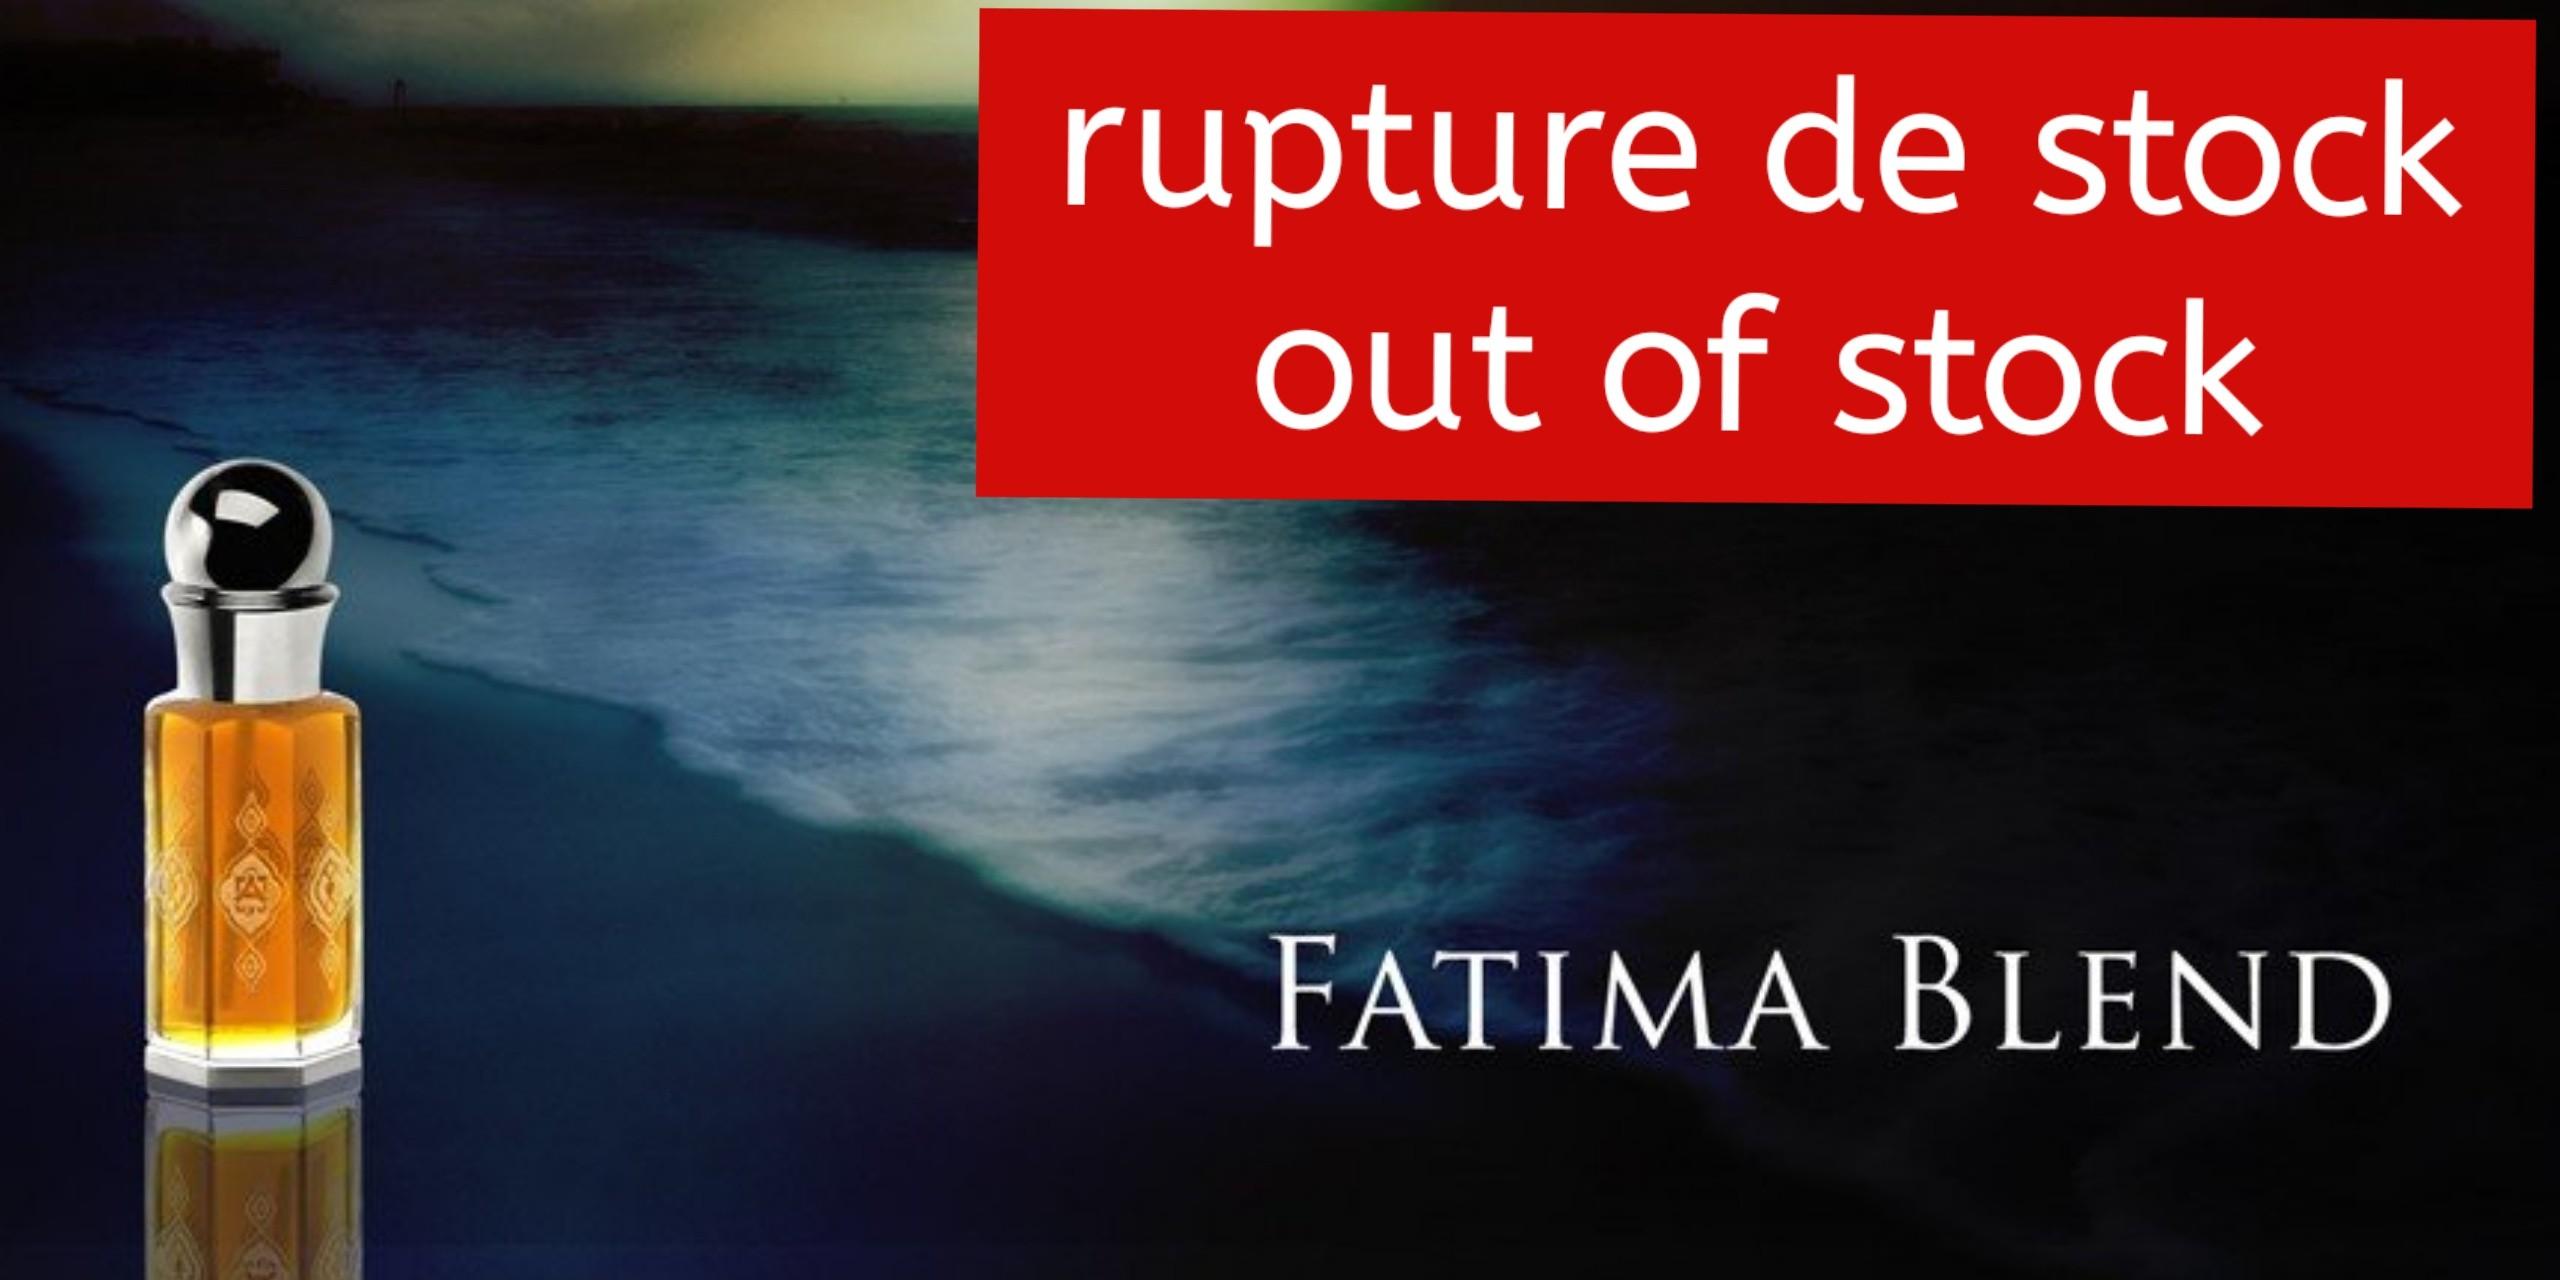 Fatima Blend